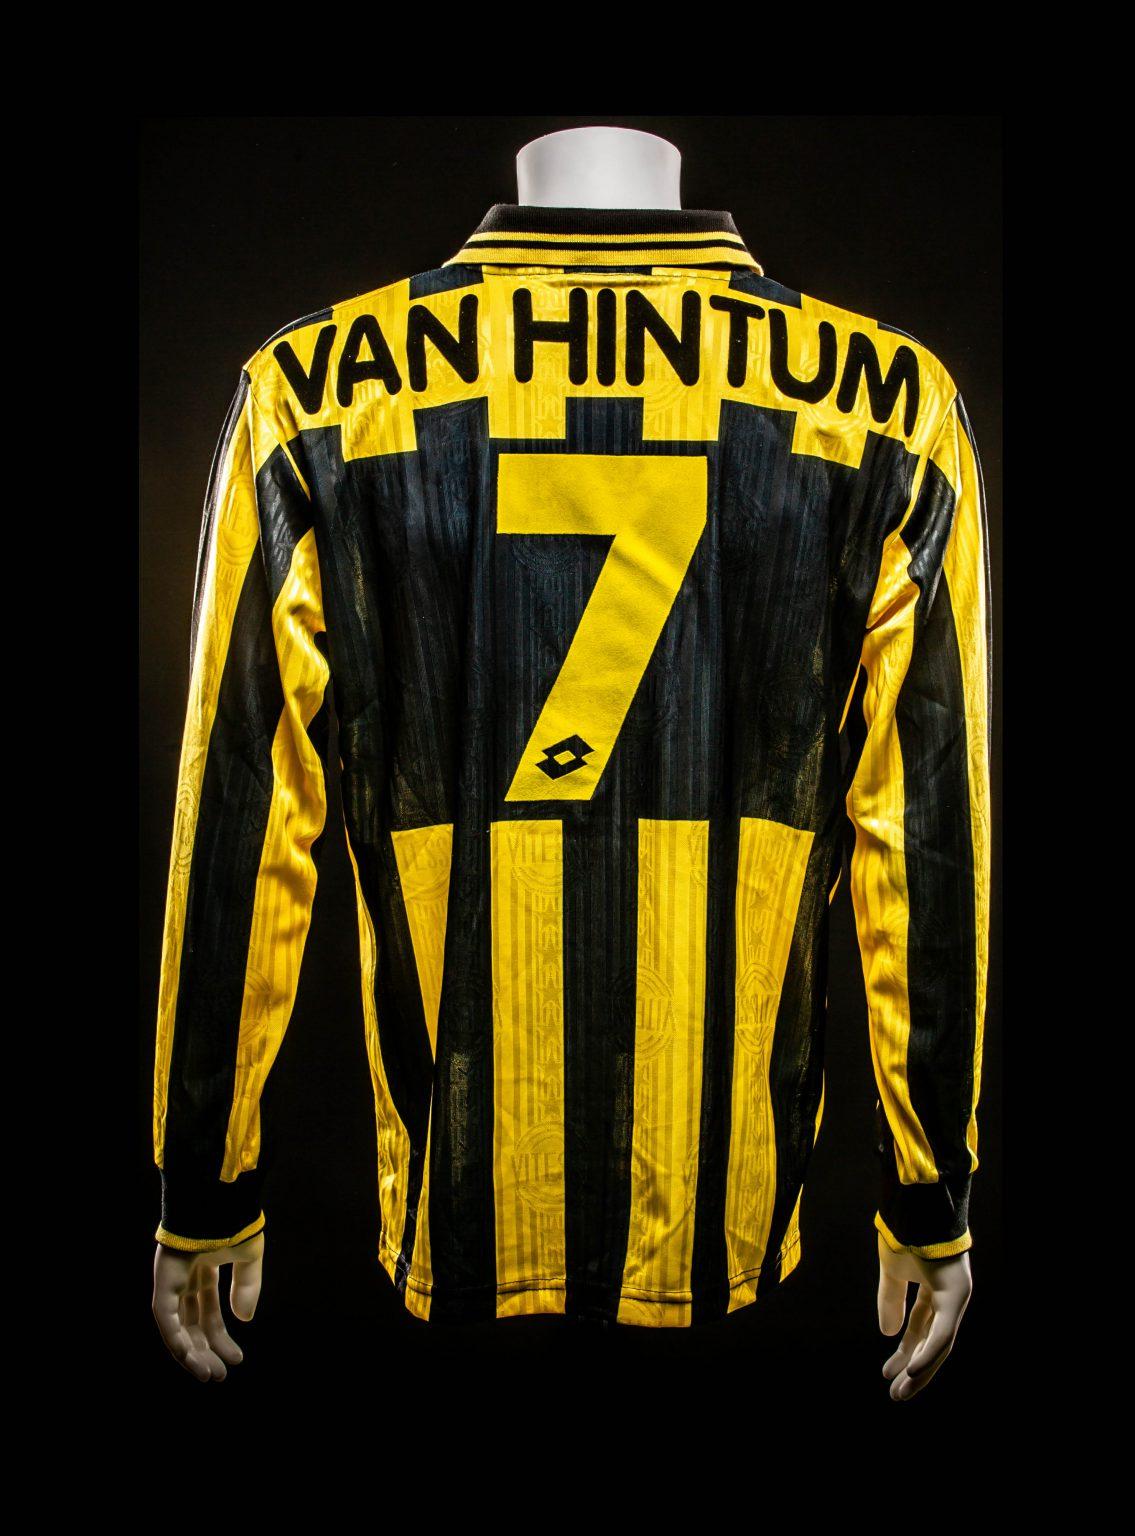 #7 Marc van Hintum Vitesse 1997-1999